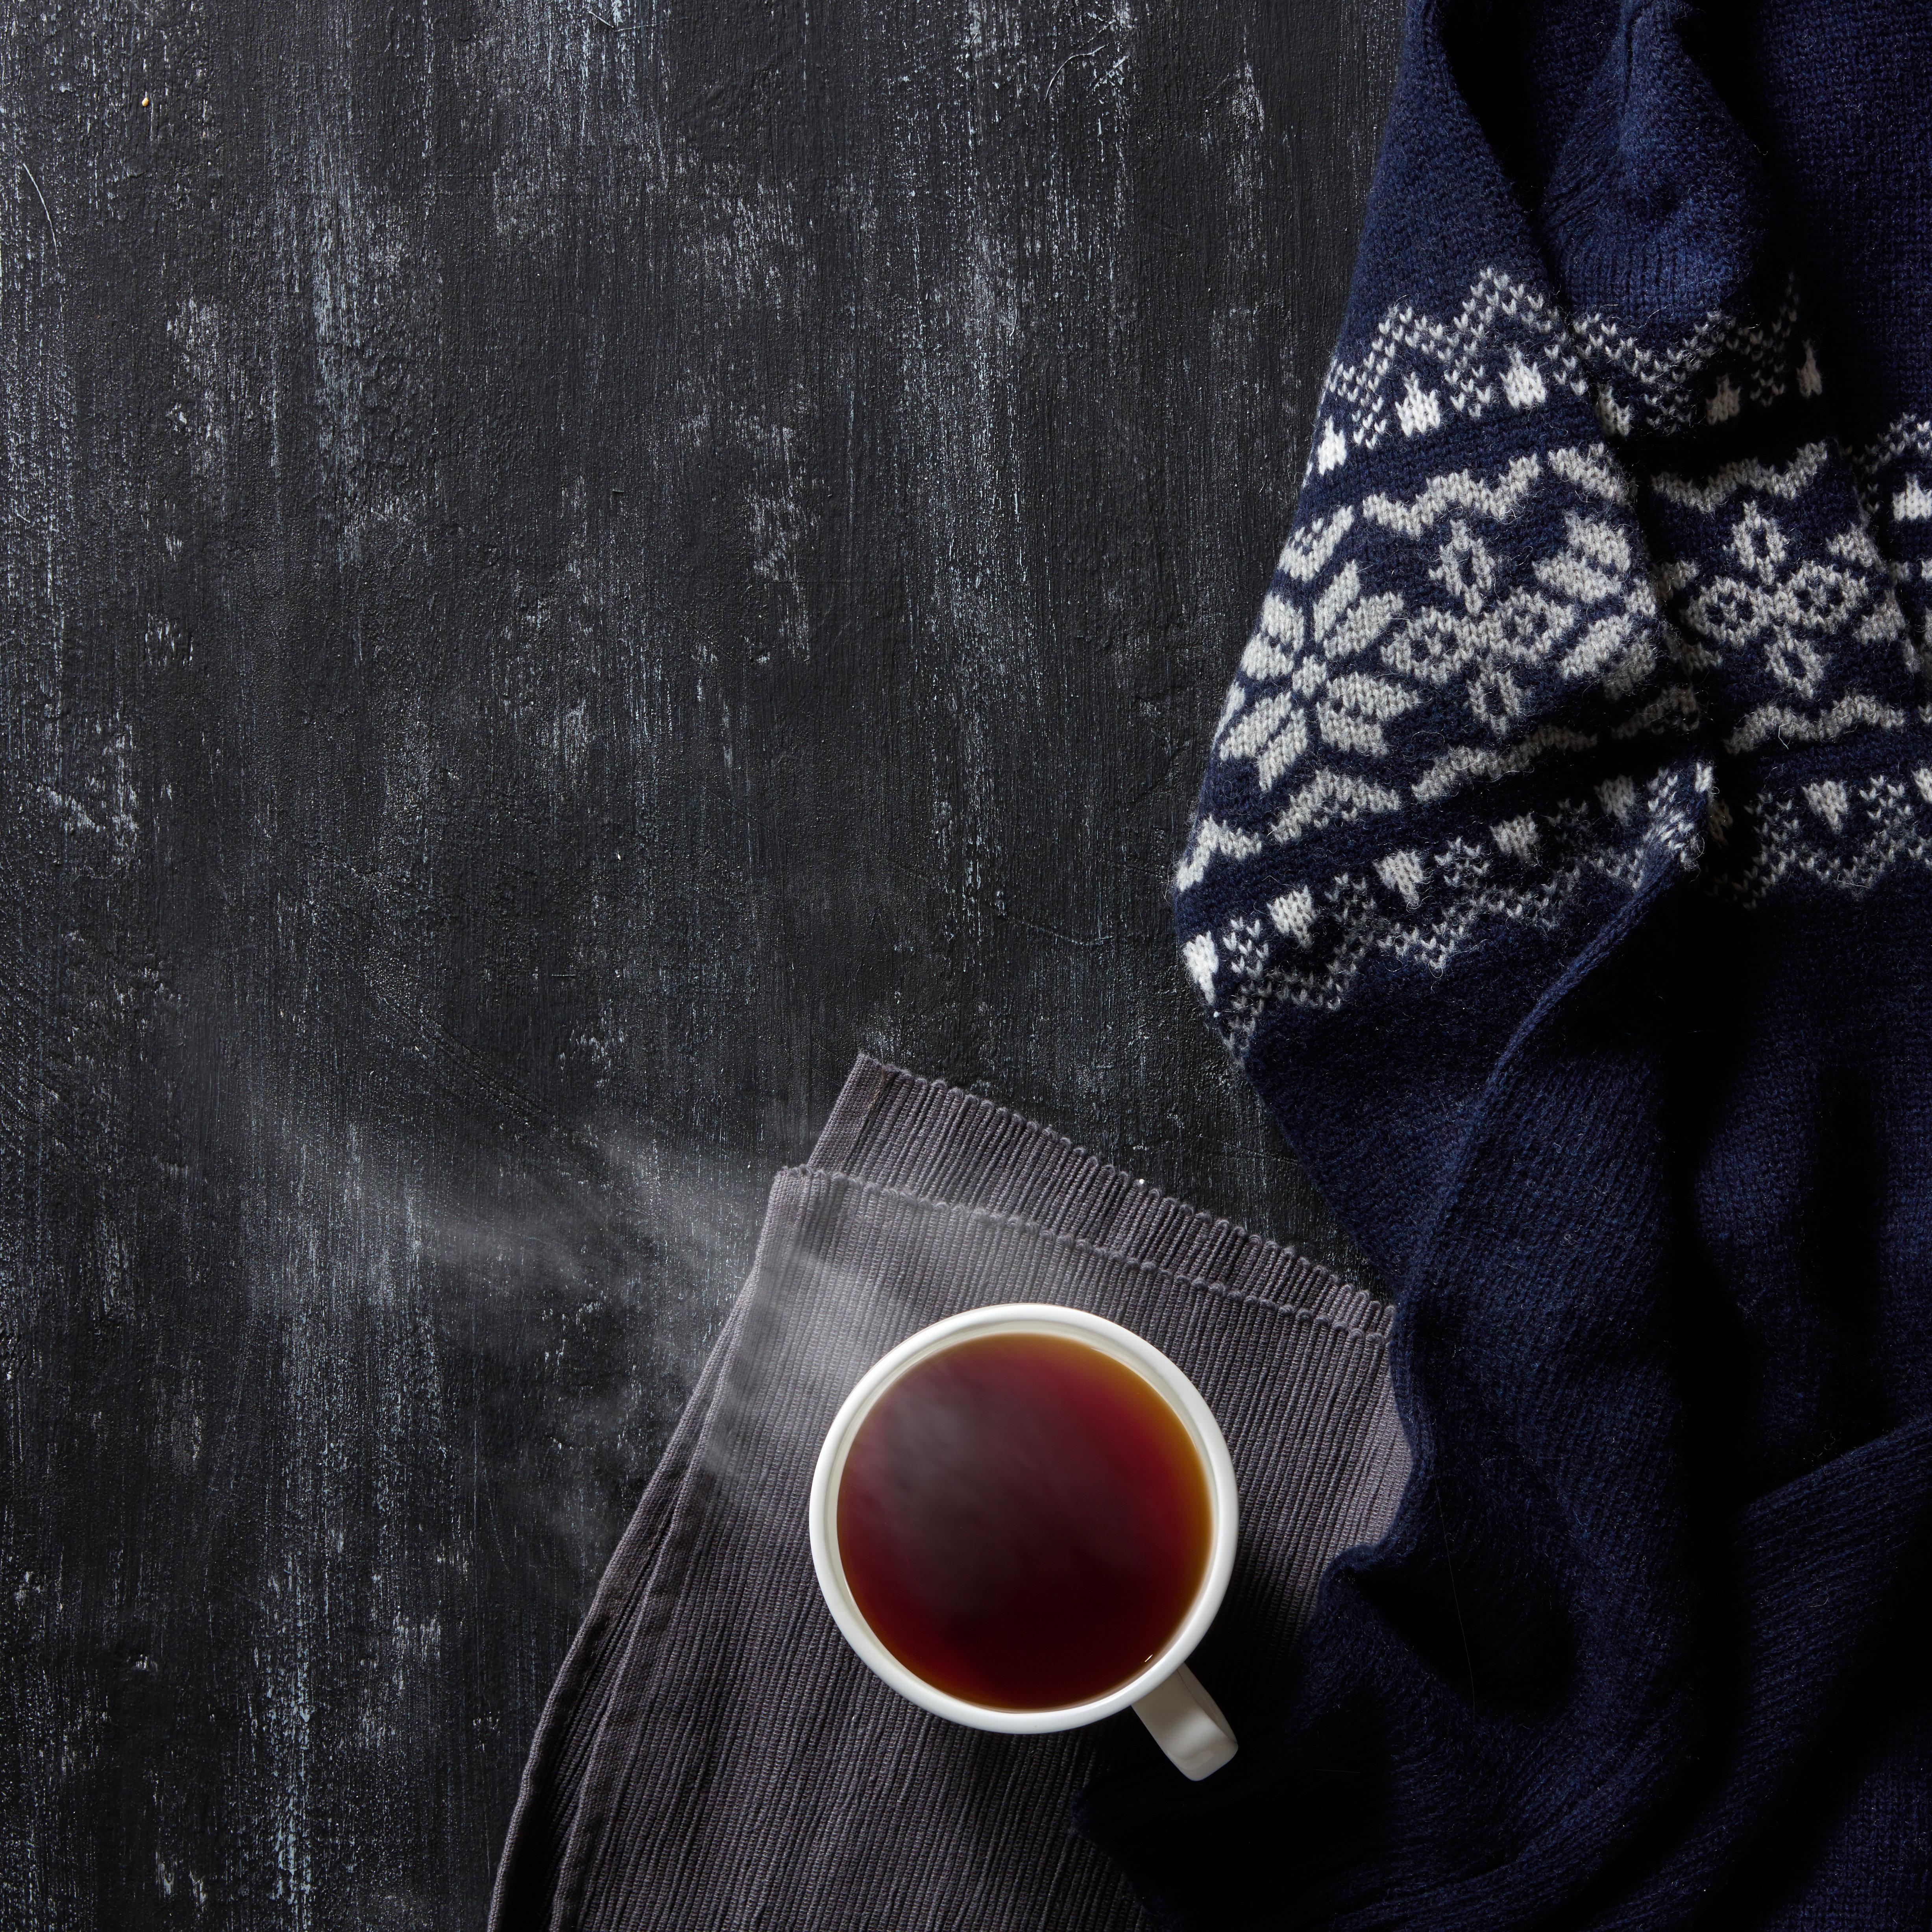 Diese Angewohnheit beim Teetrinken kann eurer Gesundheit